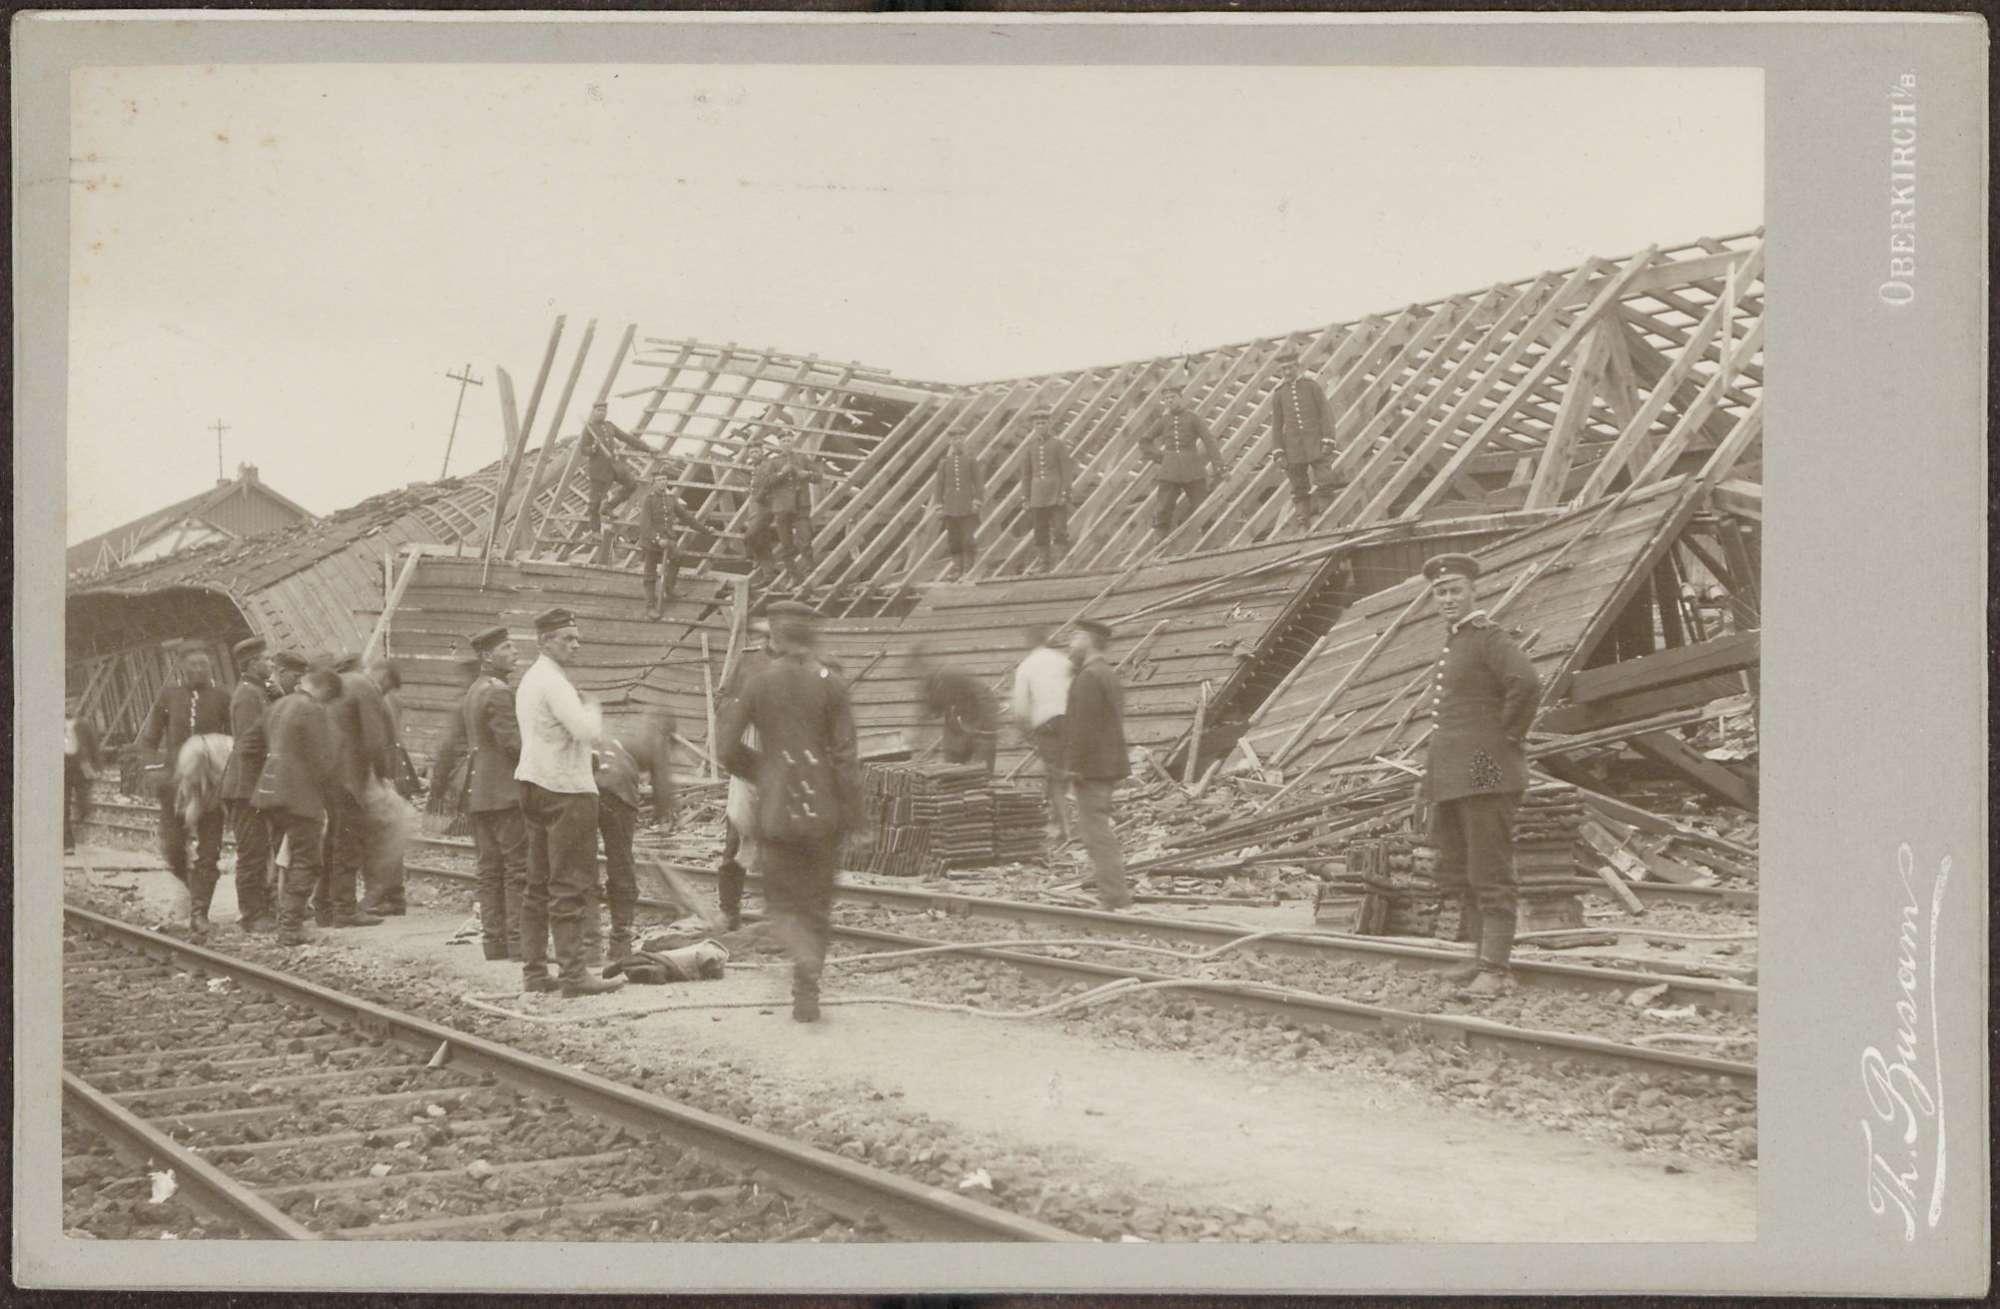 Bahnhof Appenweier, Verheerungen durch das Unwetter vom 10. August 1905., Bild 1